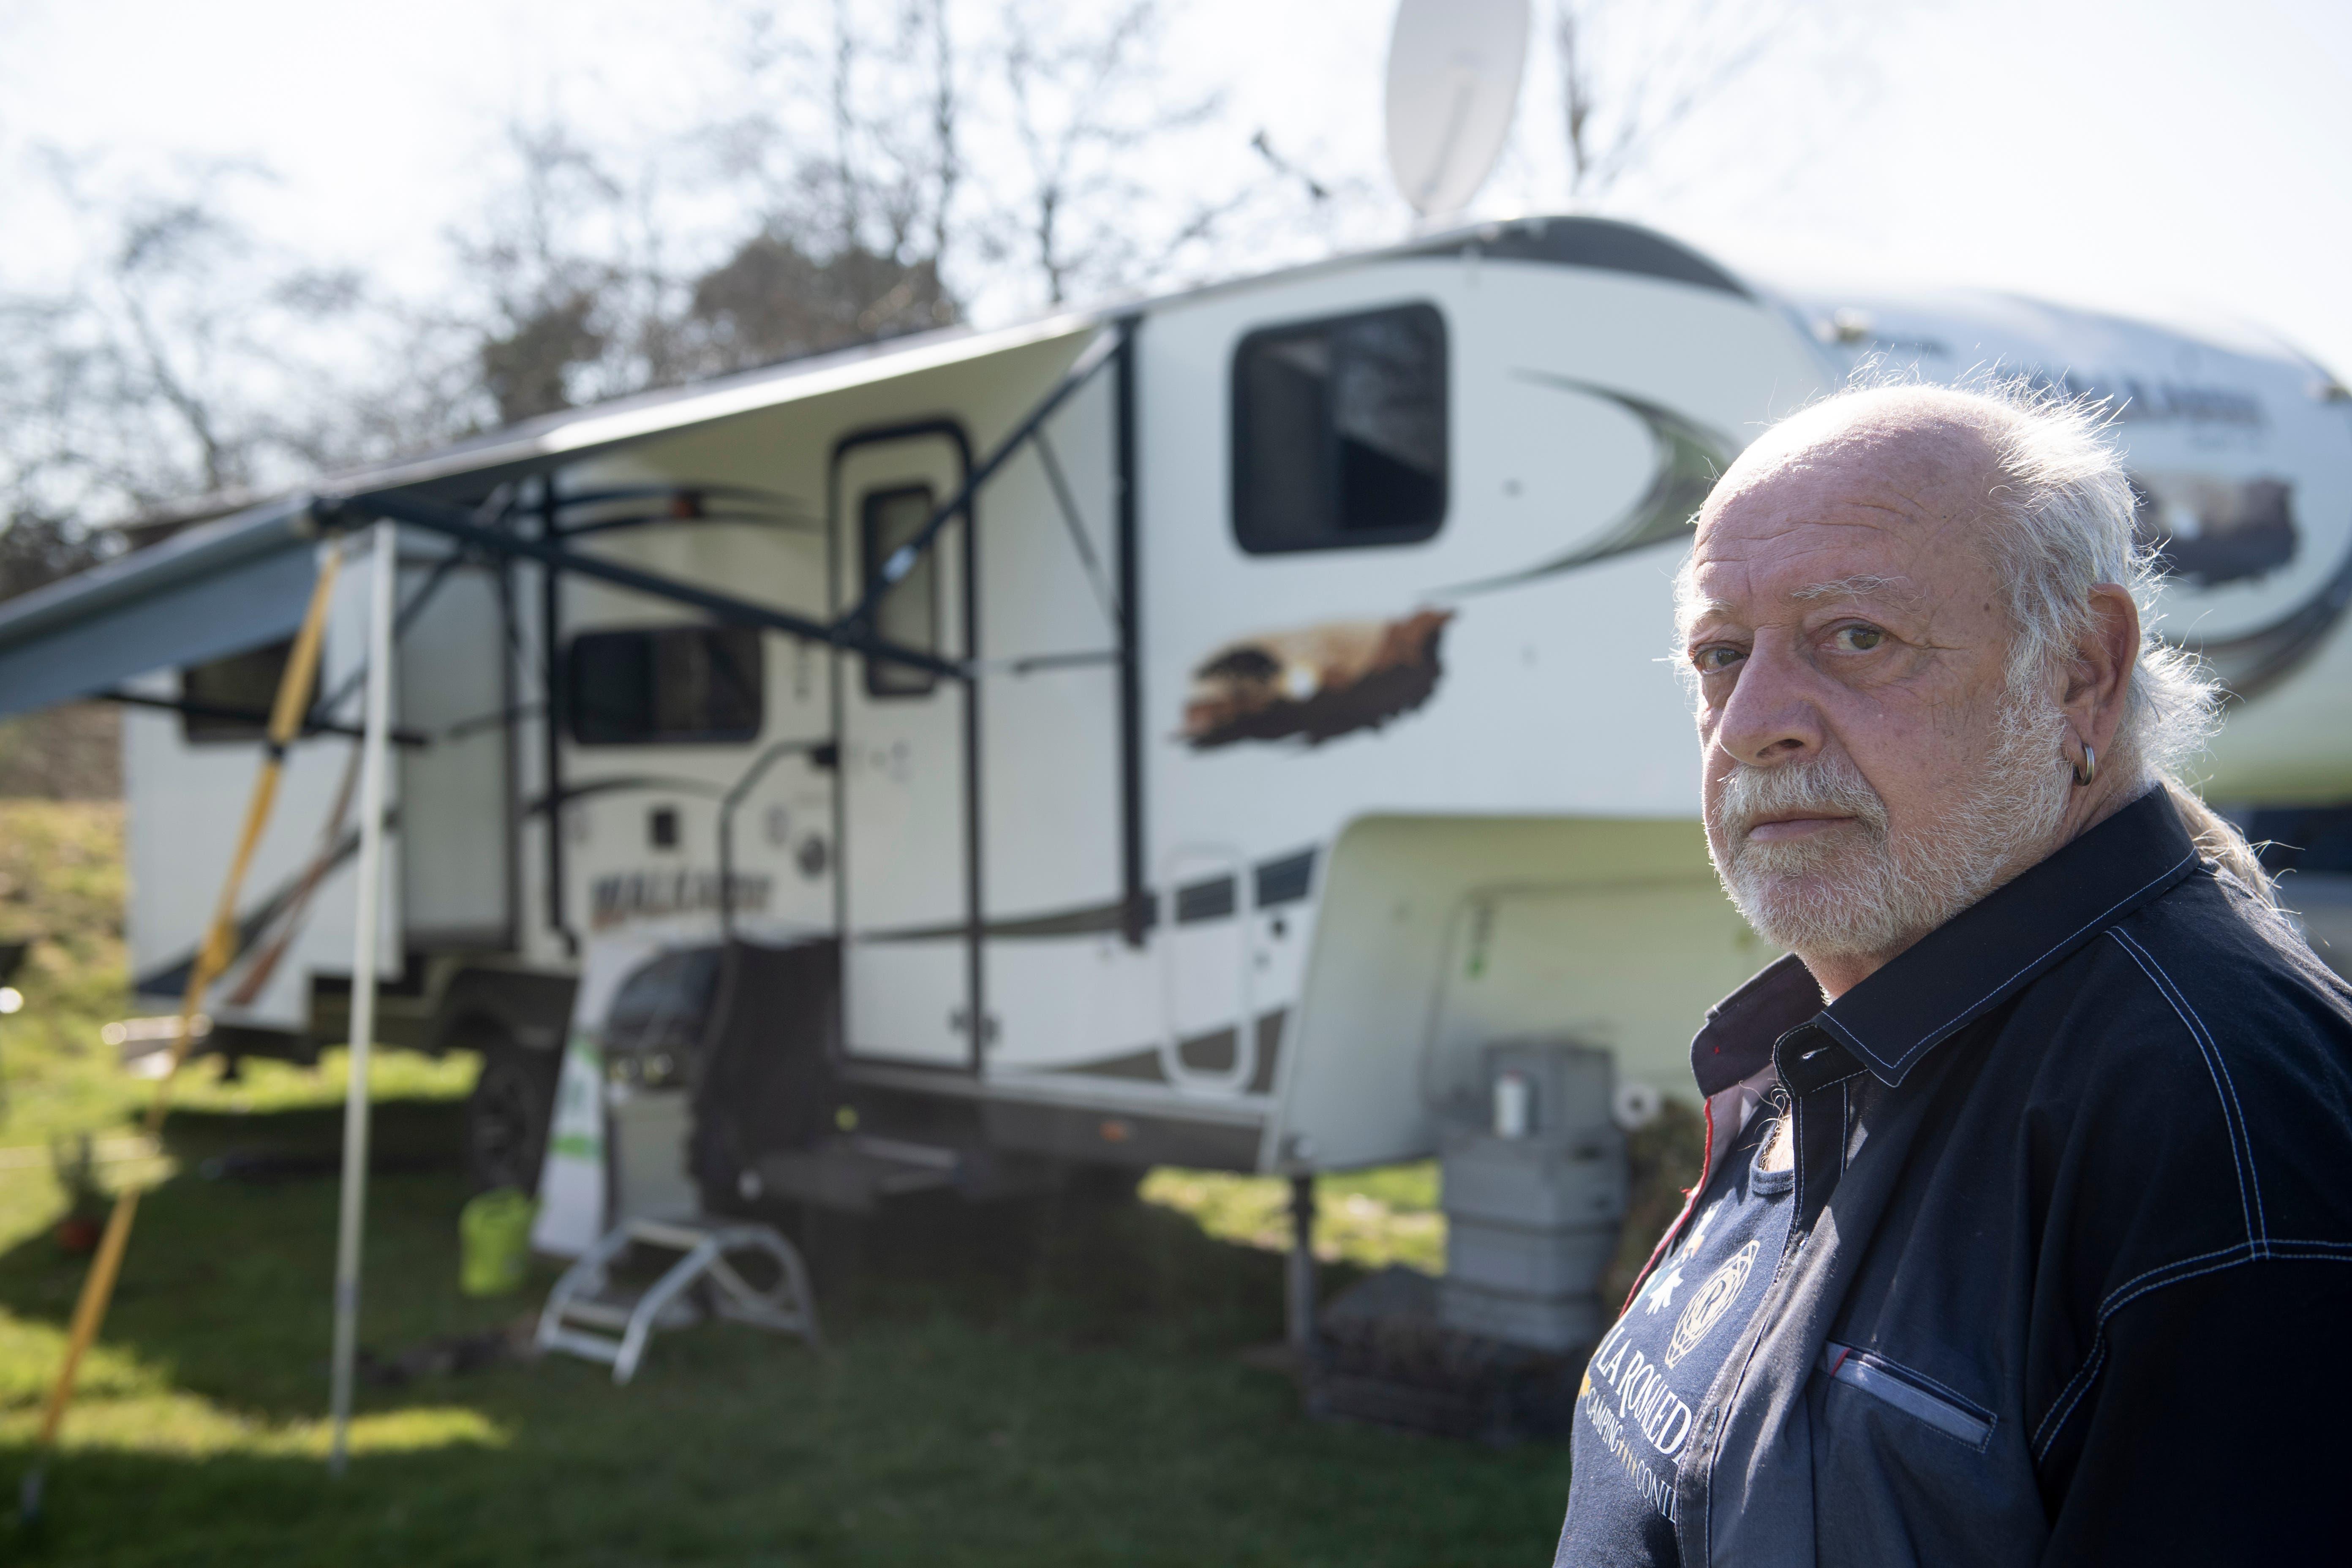 Jürg Aschmann, Rentner, lebt seit 2017 im Wohsattelcamper. Er ist im Winter in Andalusien, im Sommer im Norden und im Frühling und Herbst hat er Sehnsucht nach seinen Freunden hier auf dem Campingplatz.